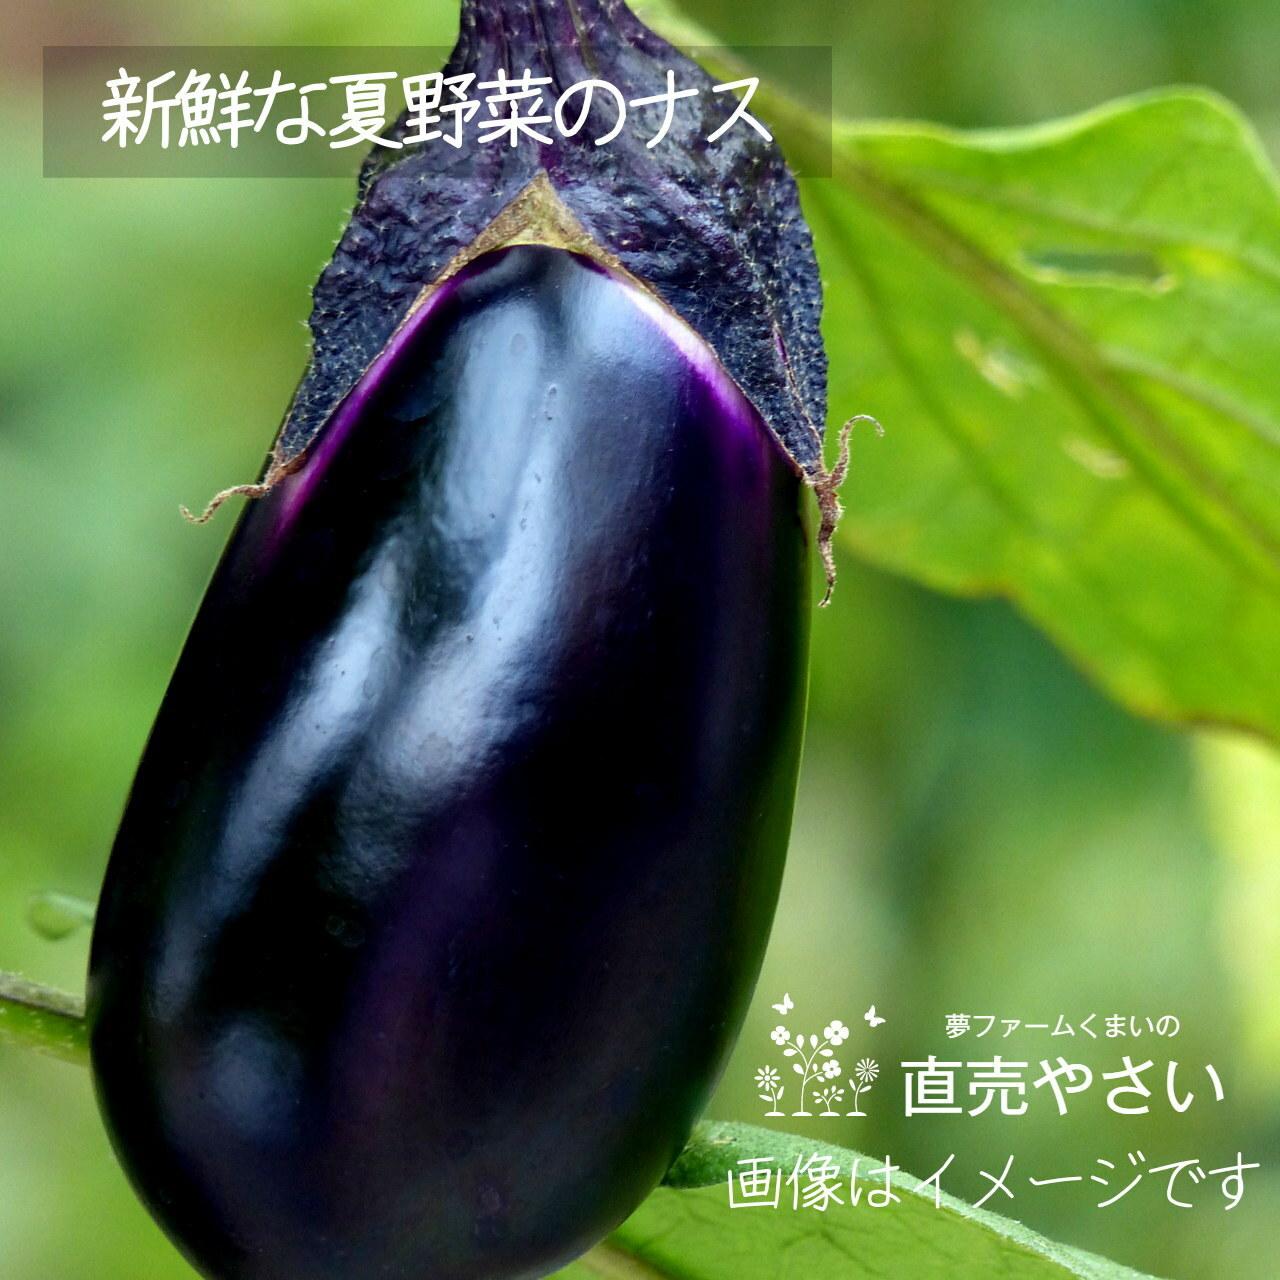 8月の新鮮な夏野菜: ナス 約350g 朝採り直売野菜  8月15日発送予定